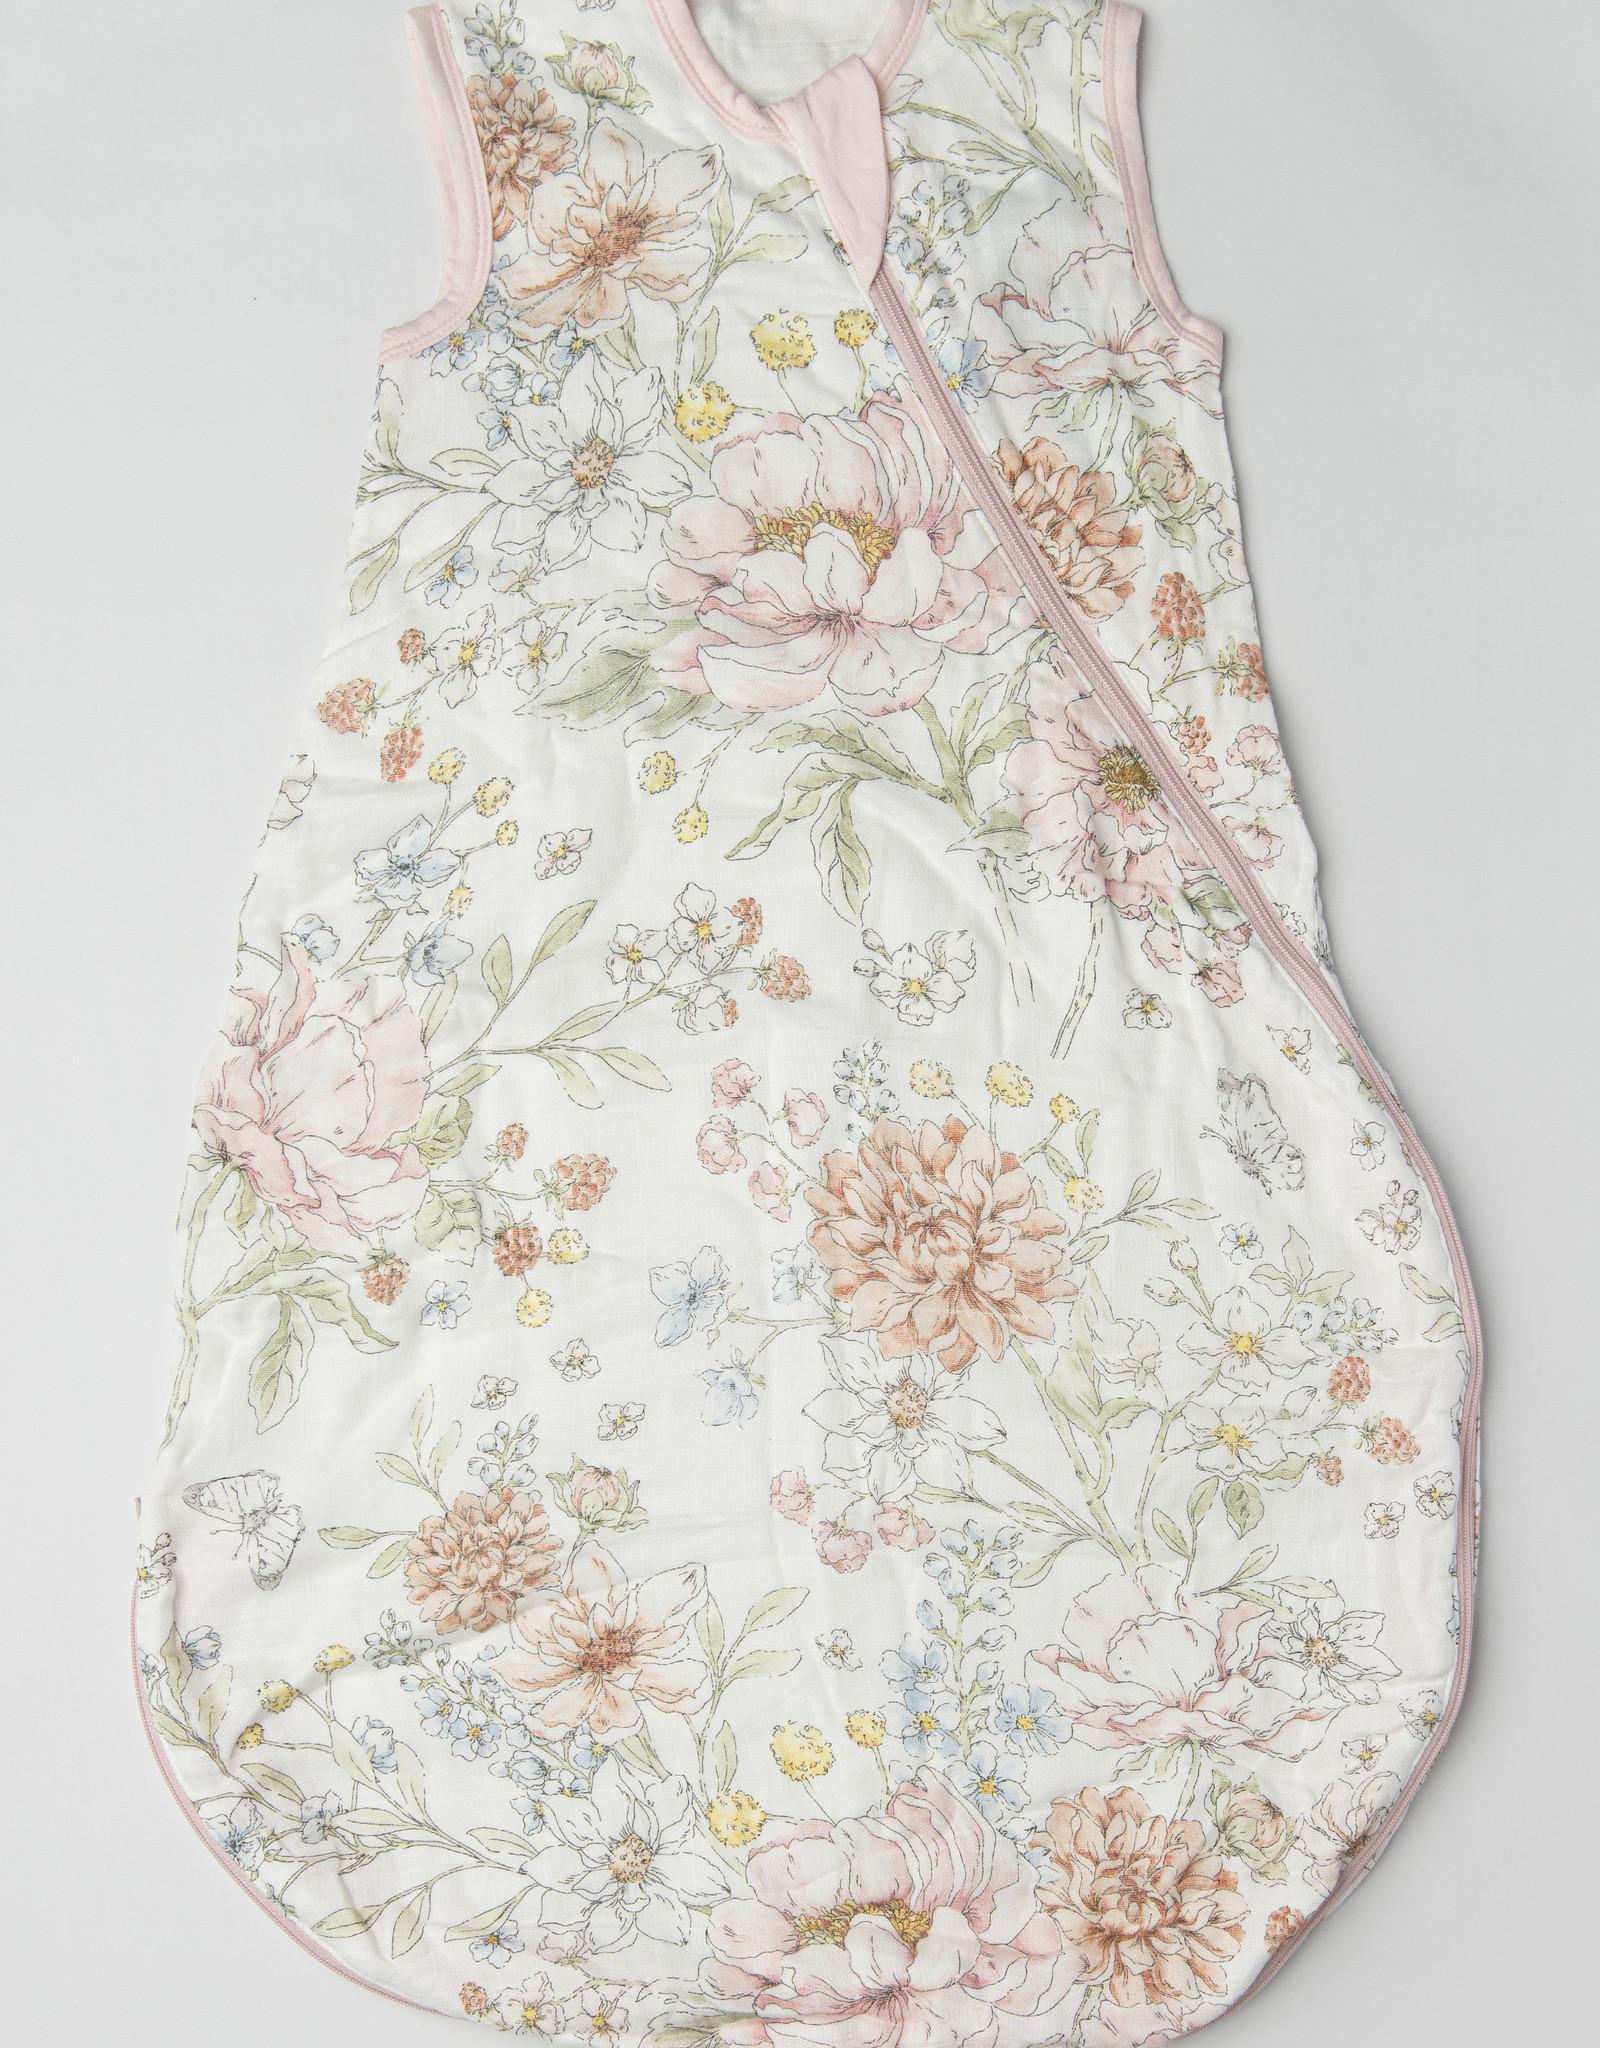 Loulou Lollipop Secret Garden Muslin Sleep Bag 3-12m